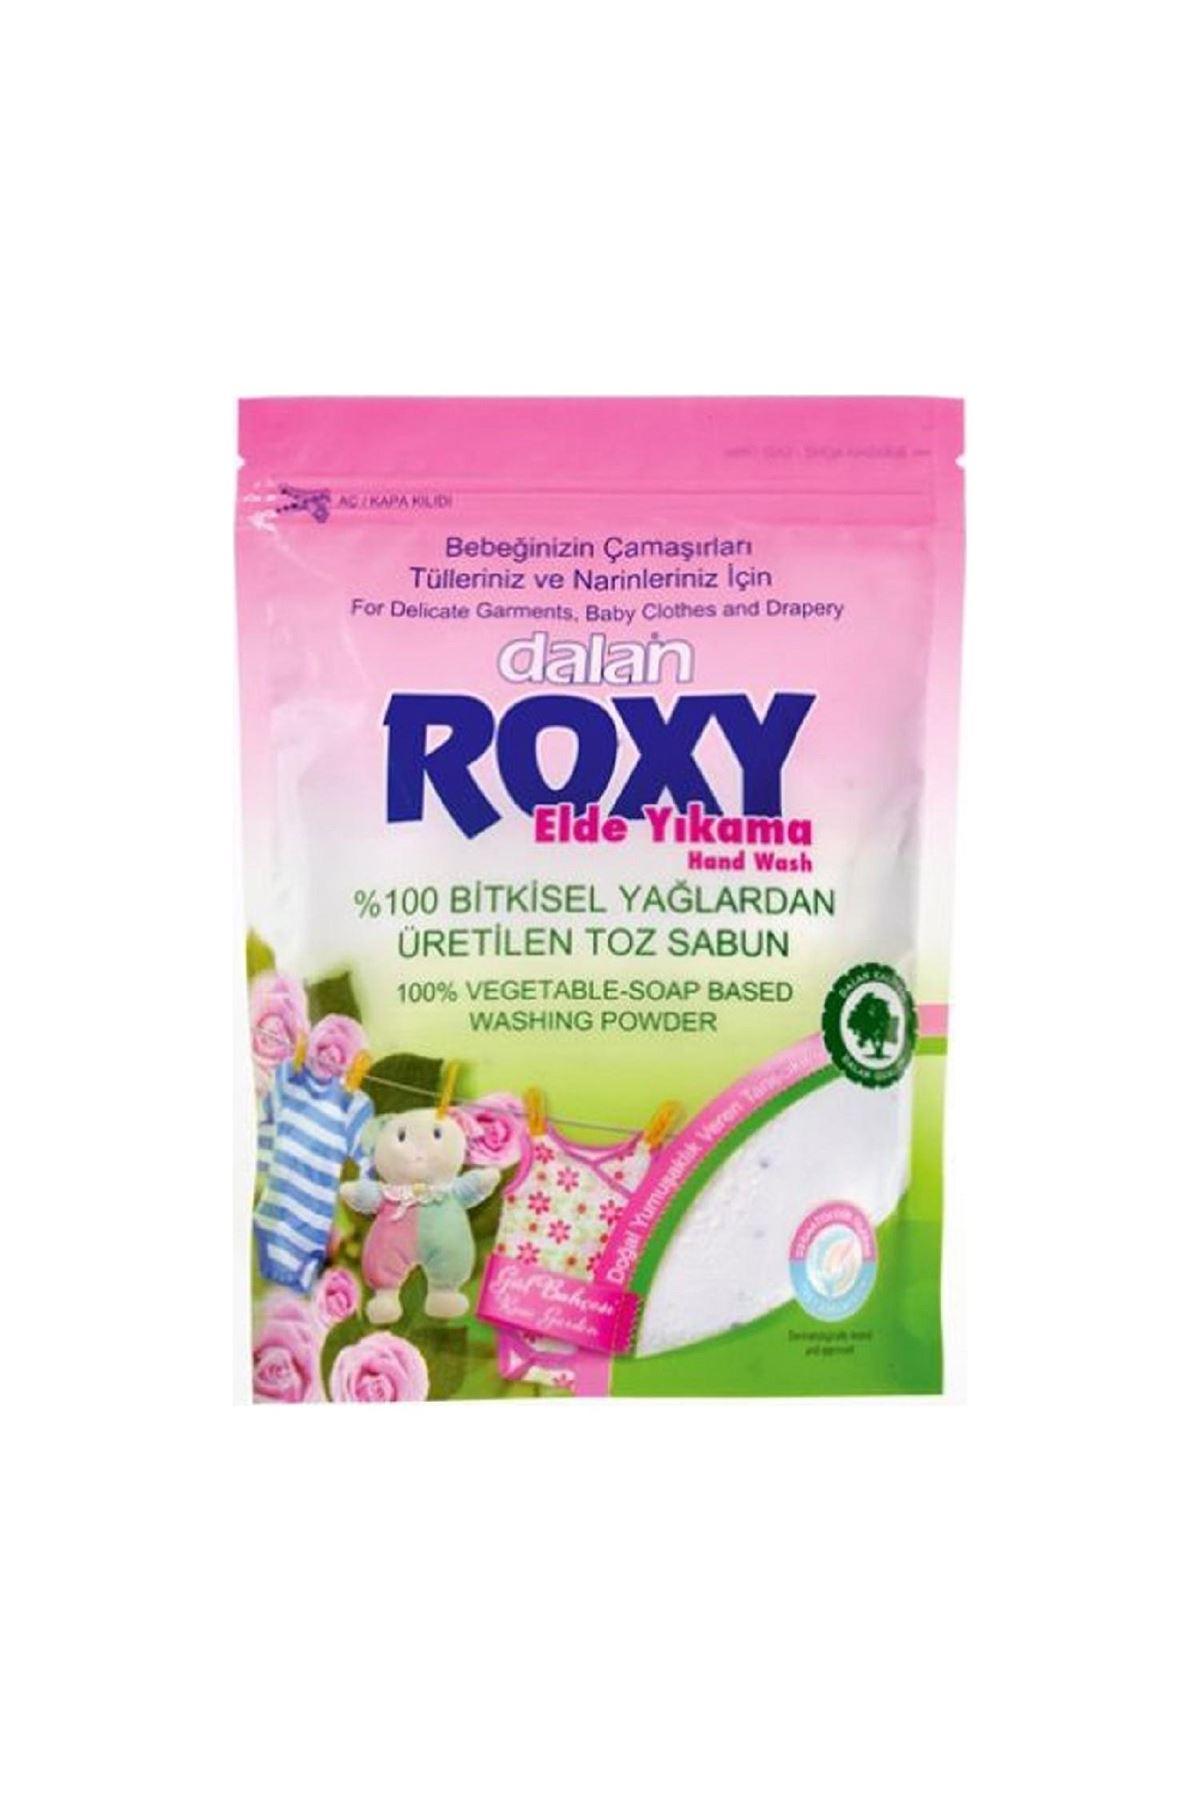 Dalan Roxy Toz Bebek Deterjanı Gül Bahçesi Elde Yıkama 800 Gr